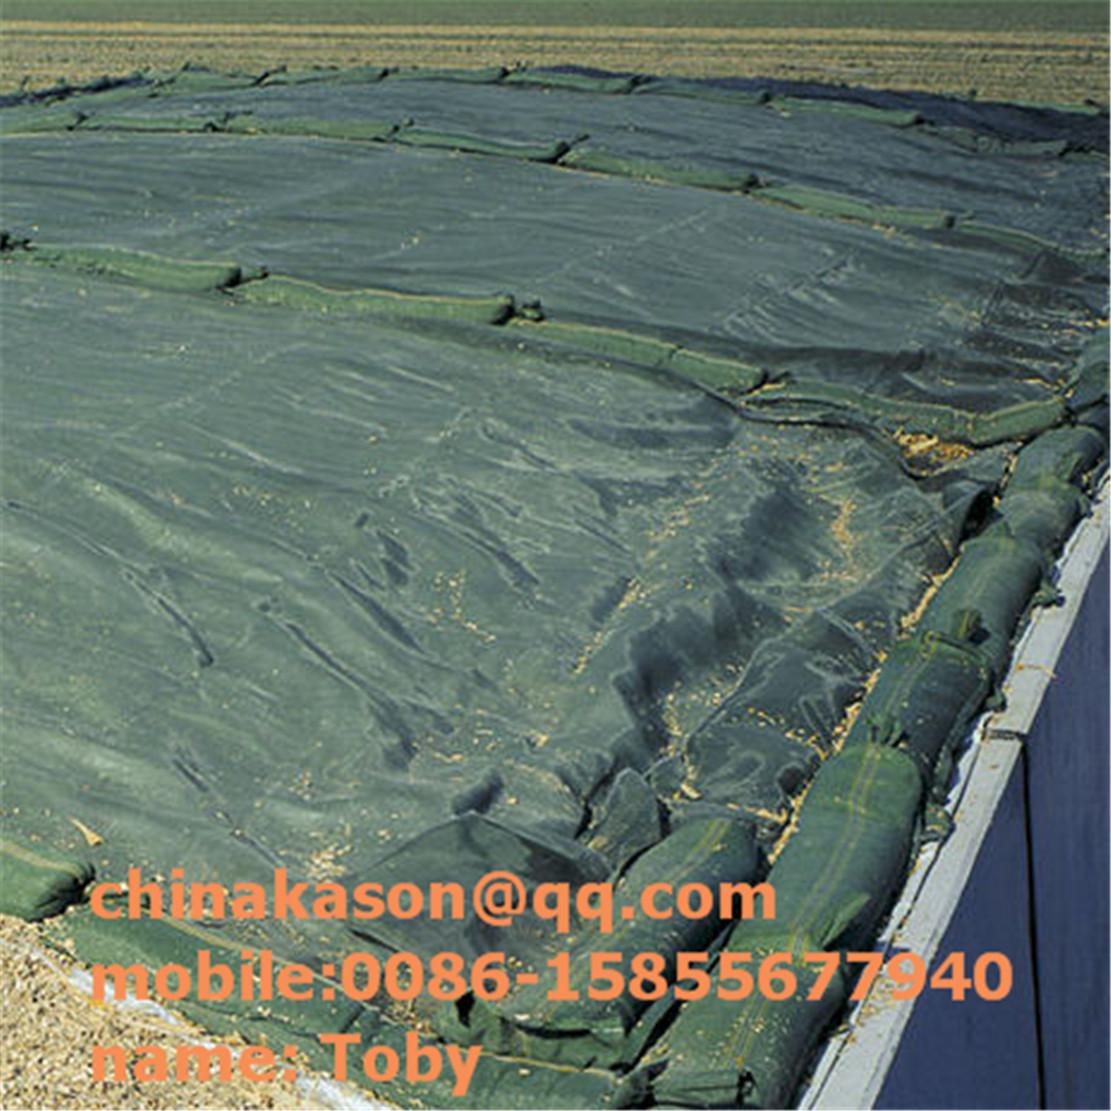 Solide monofilament de filet tissé d'ensilage, filet de protection ensilage 200-300g / m2